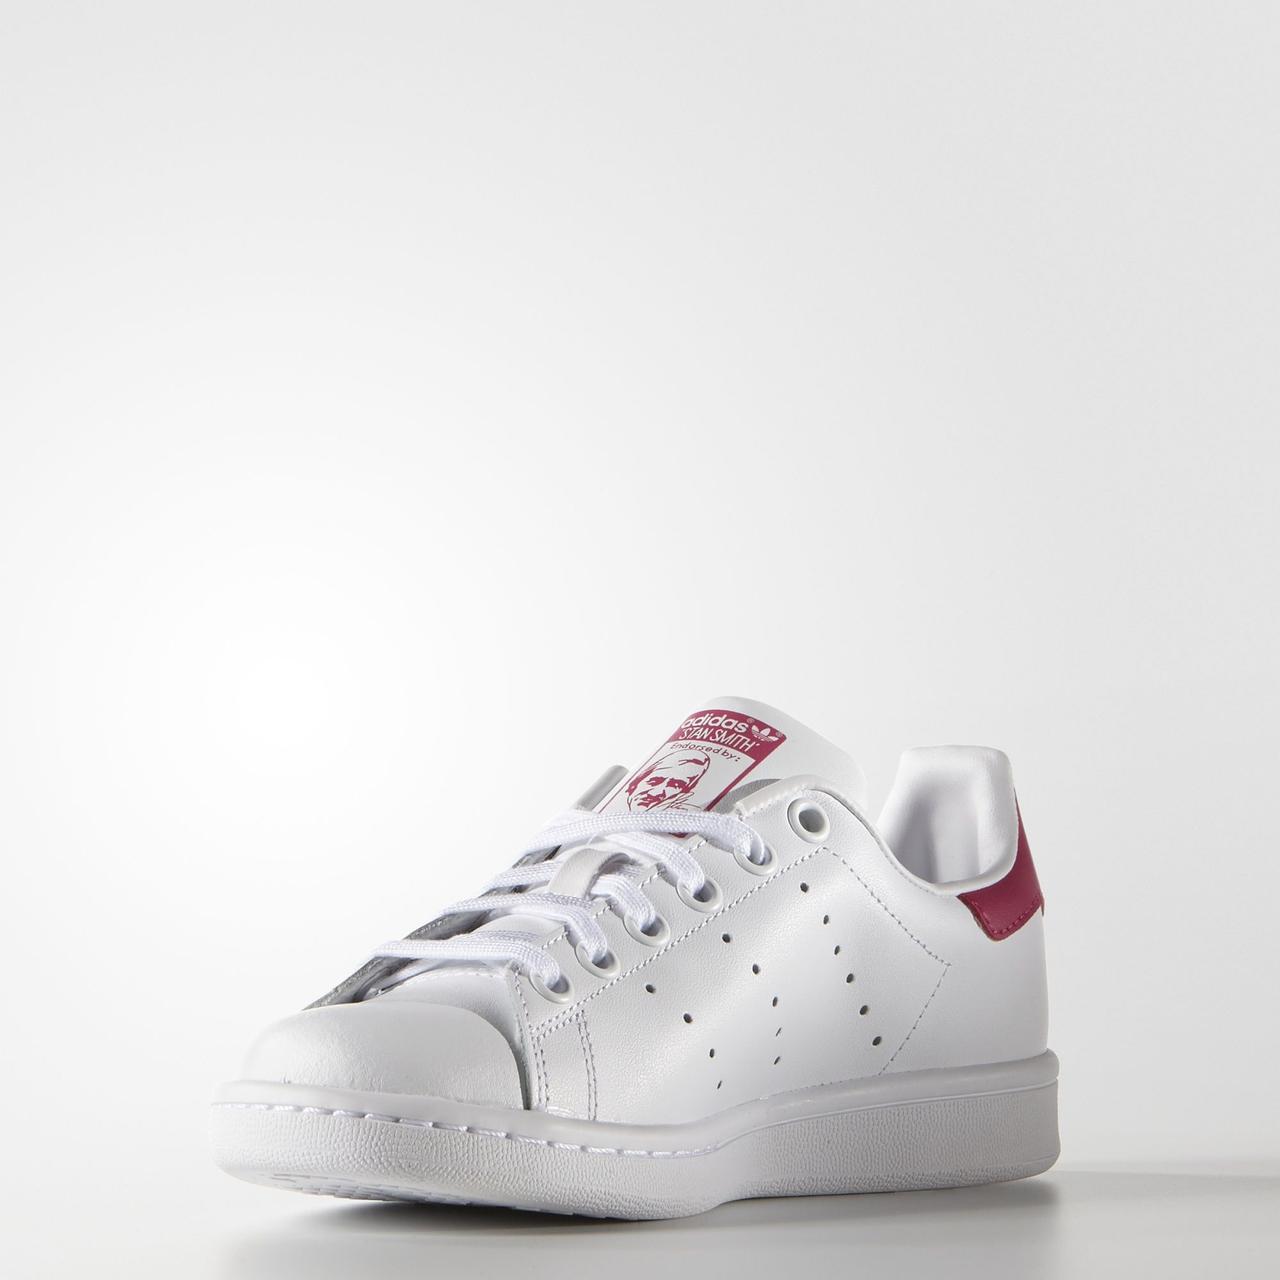 Детские кроссовки adidas originals stan smith (артикул: B32703)